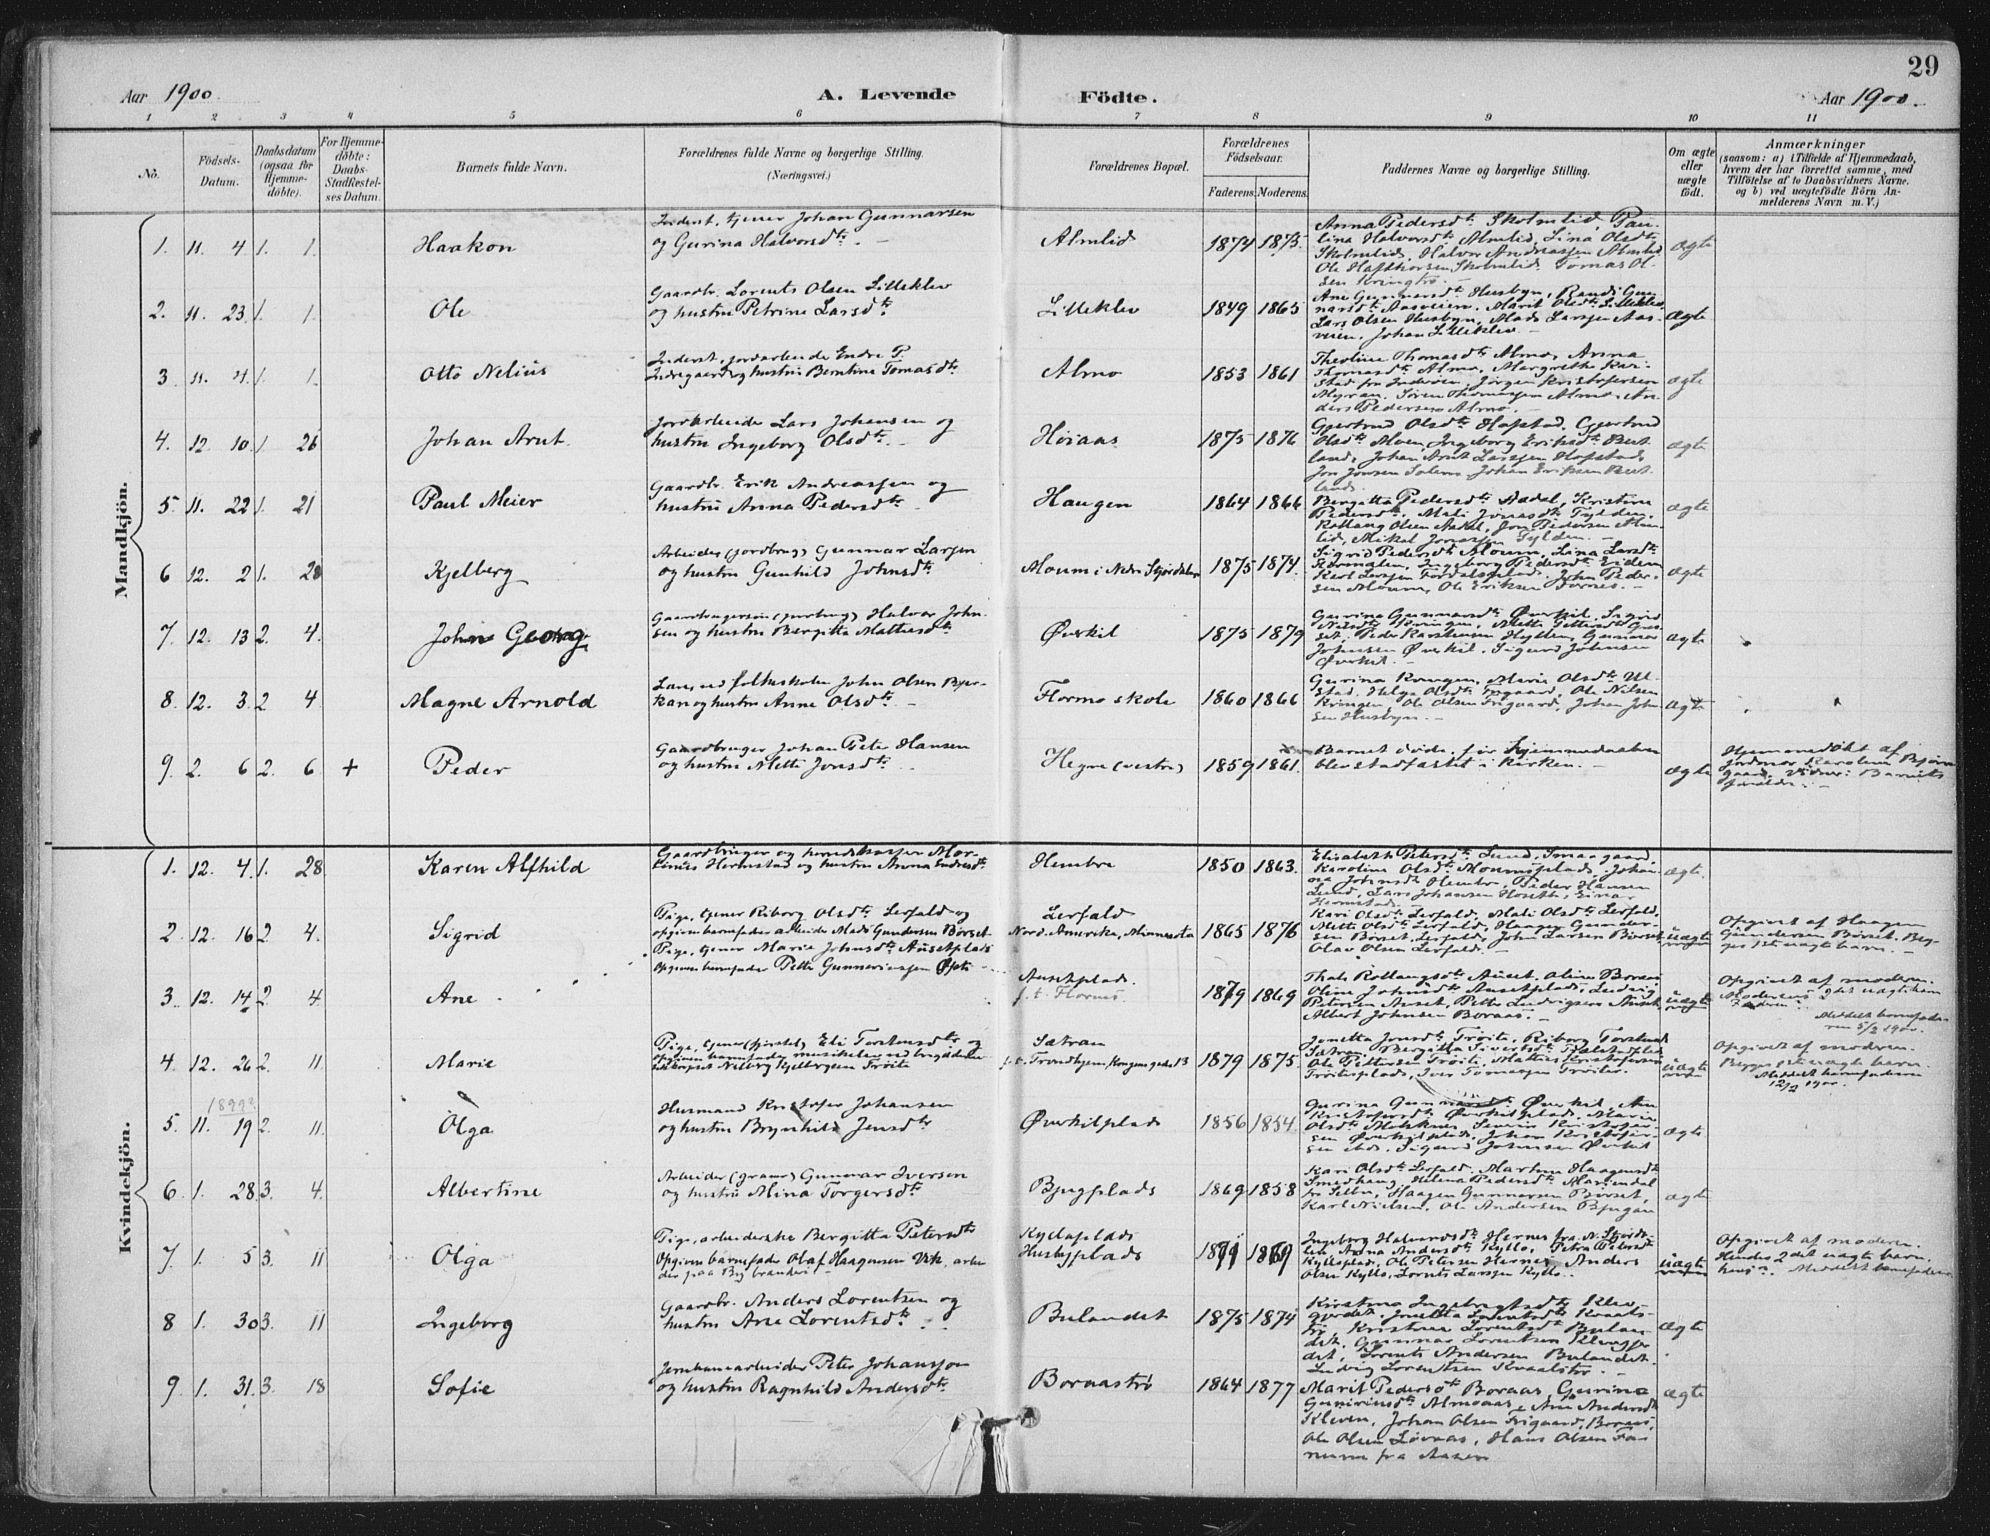 SAT, Ministerialprotokoller, klokkerbøker og fødselsregistre - Nord-Trøndelag, 703/L0031: Ministerialbok nr. 703A04, 1893-1914, s. 29